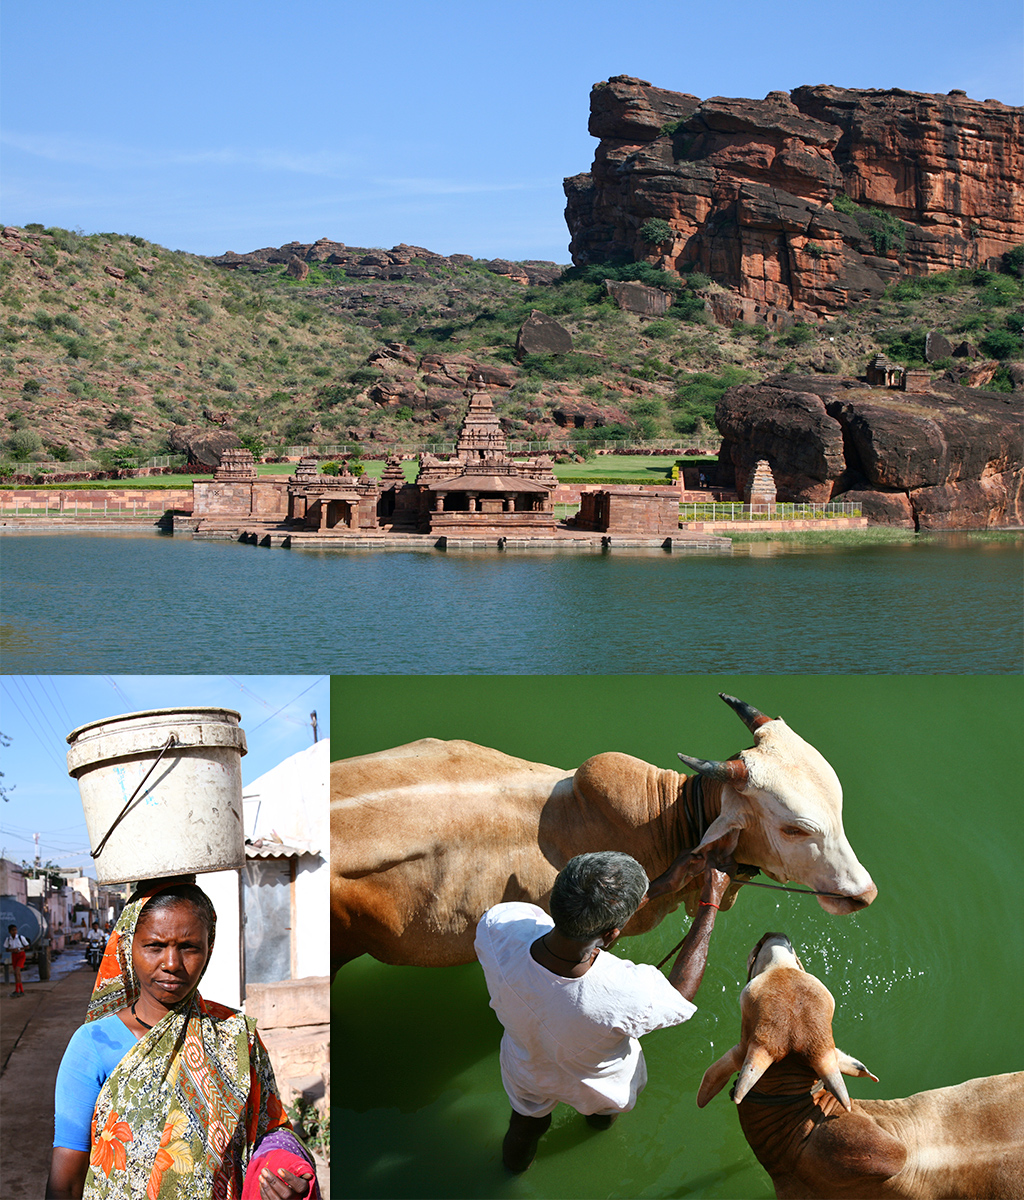 tempels en het lokale leven in Badami Zuid-India